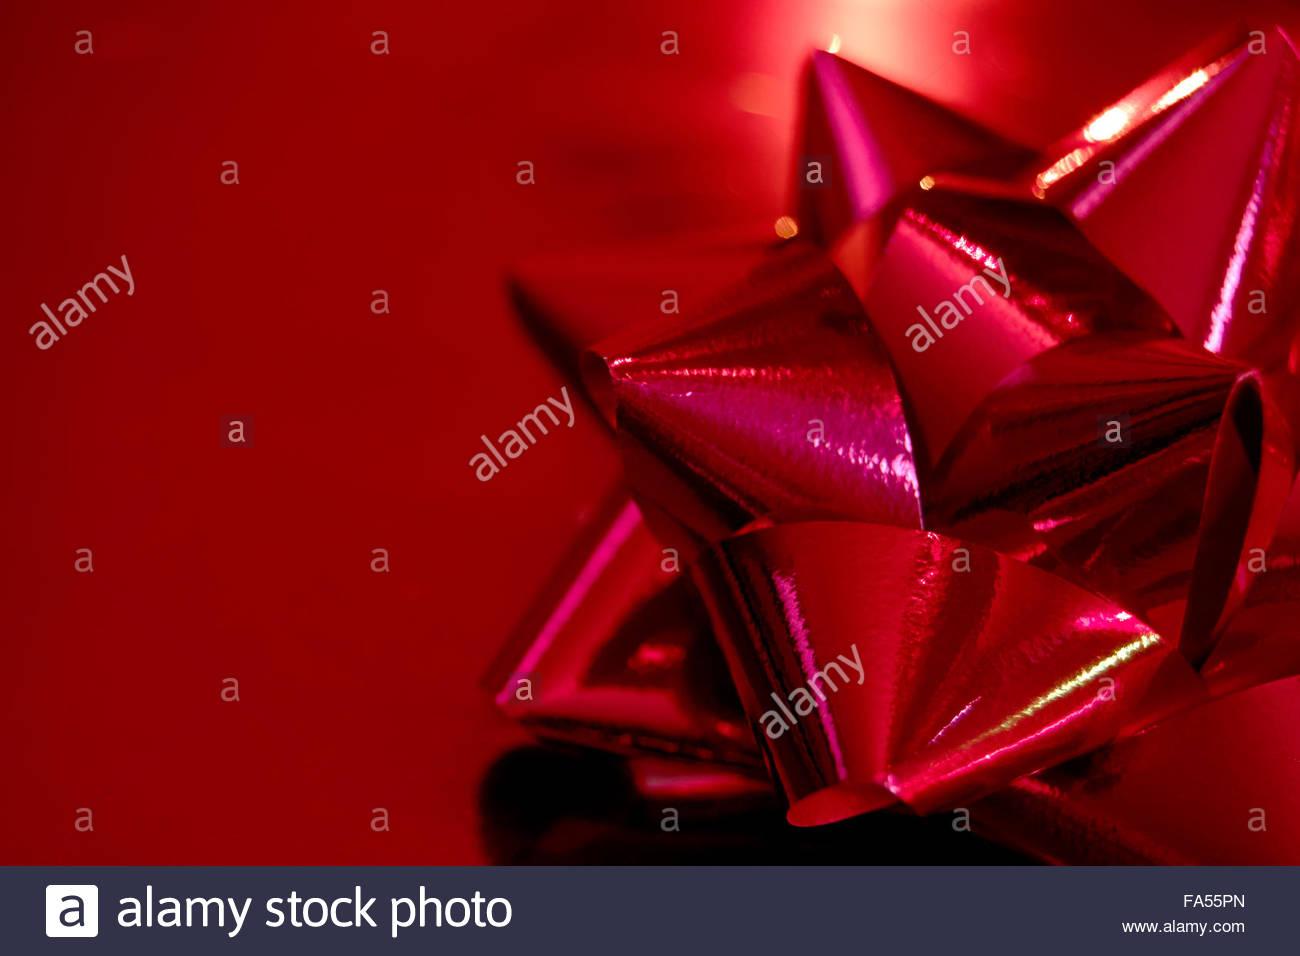 Regalo de navidad con papel de regalo rojo y lazo rojo Imagen De Stock